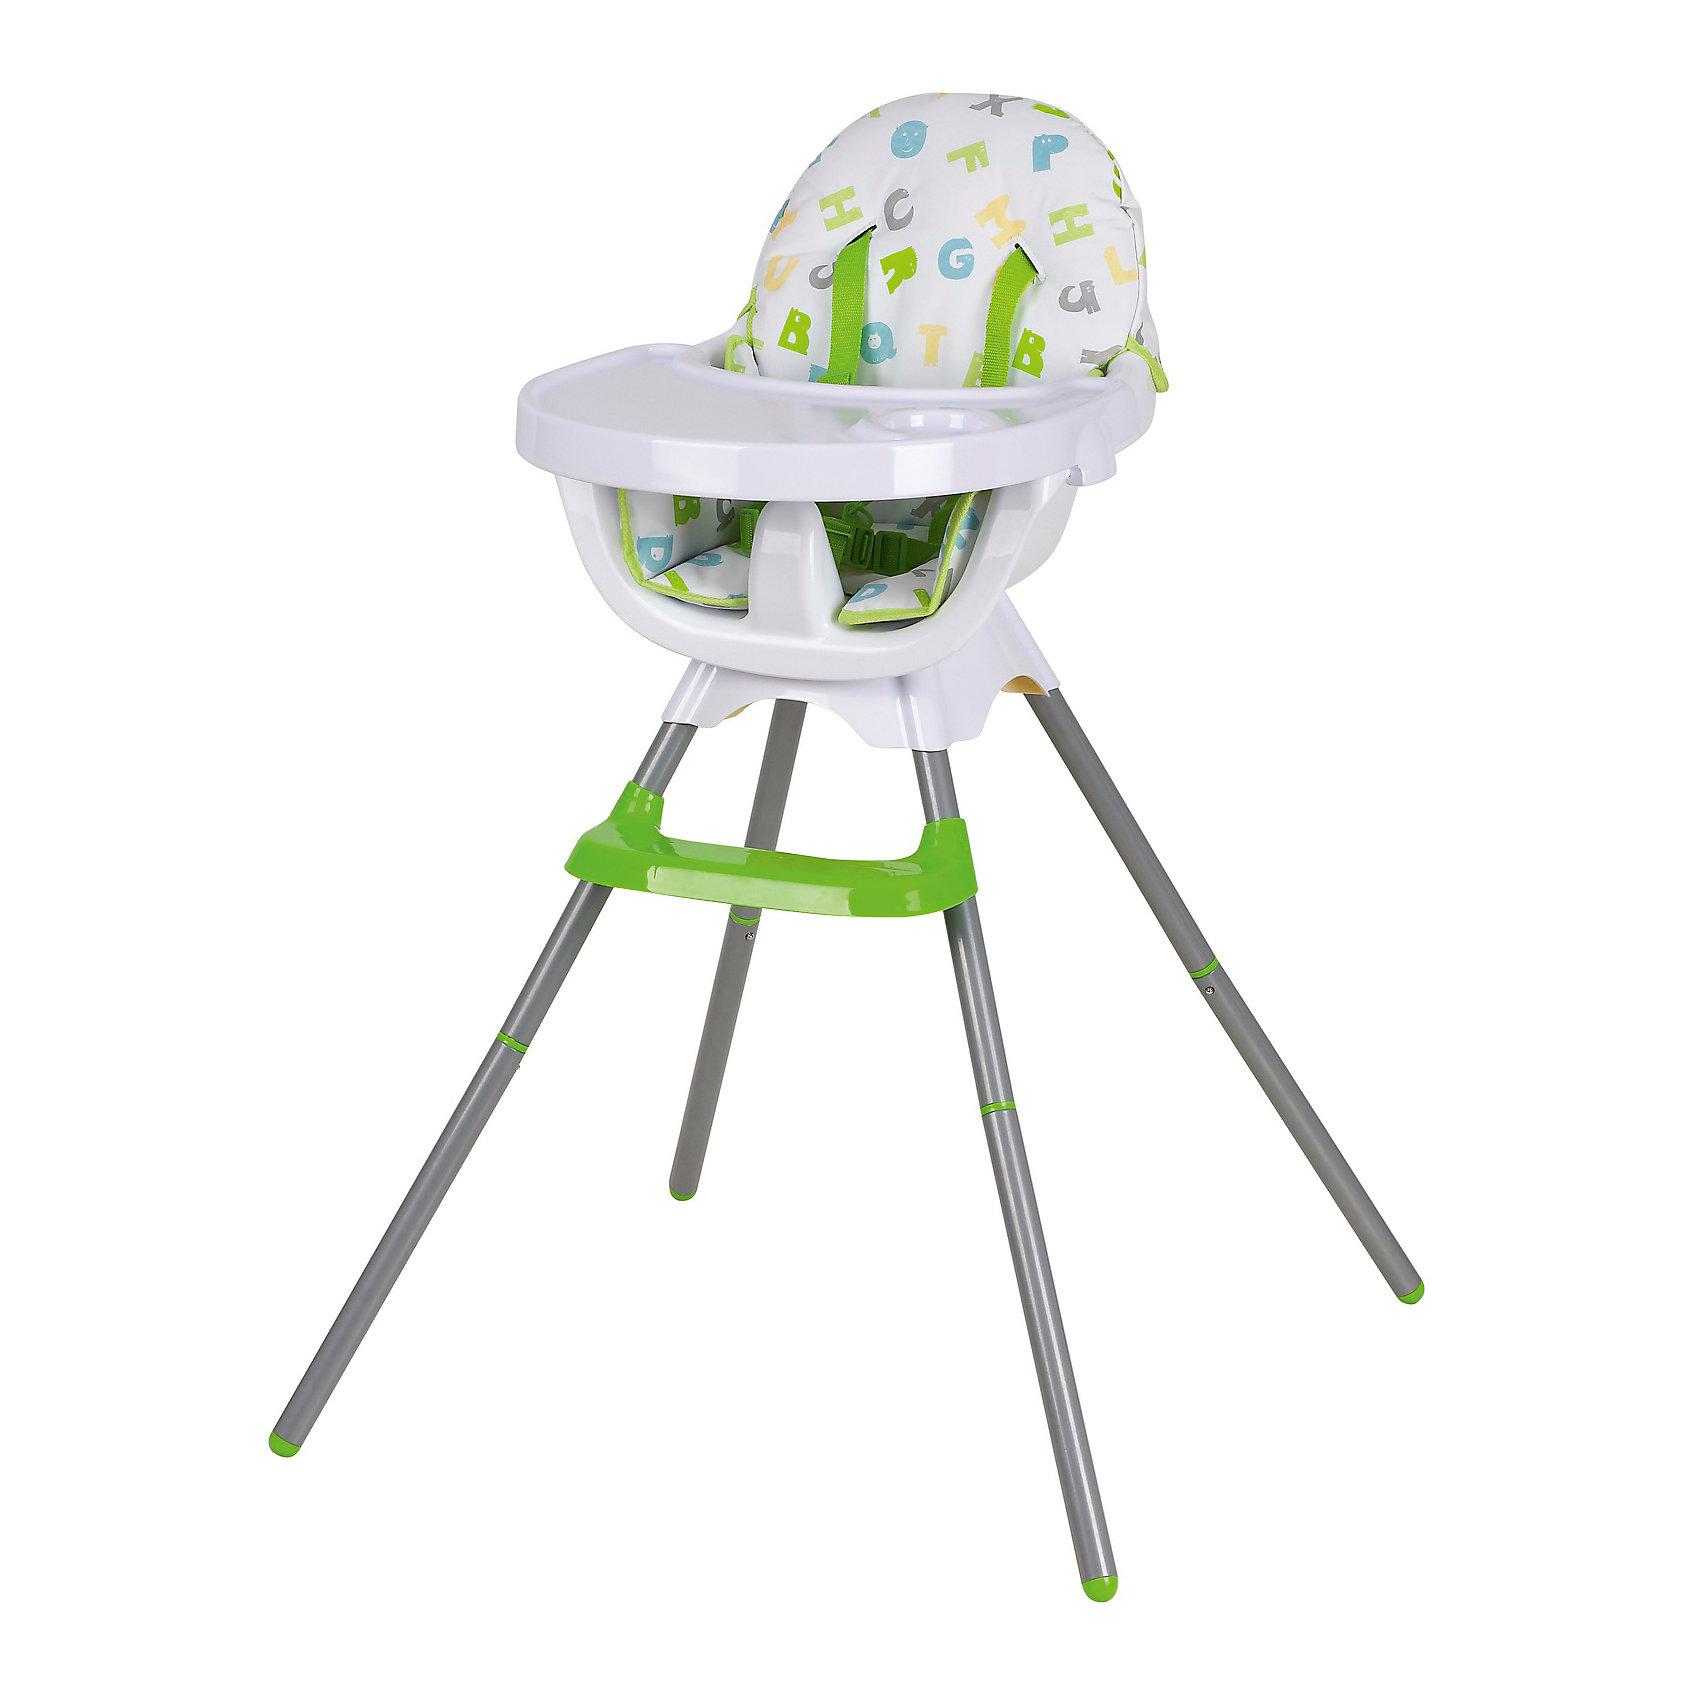 Стульчик для кормления BH-432, Selby, зеленыйот +6 месяцев<br>Правильная детская мебель всегда отличается от взрослой, так как производится с учетом строения тела малыша и того, что он быстро растет. Такой стул элементарно складывается или превращается в стульчик-бустер, который прикрепляется к большому стулу для взрослых посредством распорок. Эта модель мало весит и отличается удобством, в ней можно переносить малыша.<br>Изделие легко моется. Легкий пластик отличается прочностью. Все материалы тщательно подобраны специалистами и безопасны для детей.<br><br>Дополнительная информация:<br><br>цвет: зеленый;<br>возраст: от полугода;<br>материал: пластик, металл;<br>габариты (разложенный): 68 x 68 х 94 см;<br>вес: 3750 г;<br>превращается в стульчик-бустер;<br>есть стол (можно снять);<br>уровень сидения регулируется в двух положениях;<br>ножки снимаются;<br>5точечный ремень безопасности;<br>подставка для ног.<br><br>Стульчик для кормления BH-432 от компании Selby можно купить в нашем магазине.<br><br>Ширина мм: 940<br>Глубина мм: 450<br>Высота мм: 680<br>Вес г: 4450<br>Возраст от месяцев: 6<br>Возраст до месяцев: 36<br>Пол: Унисекс<br>Возраст: Детский<br>SKU: 4873604